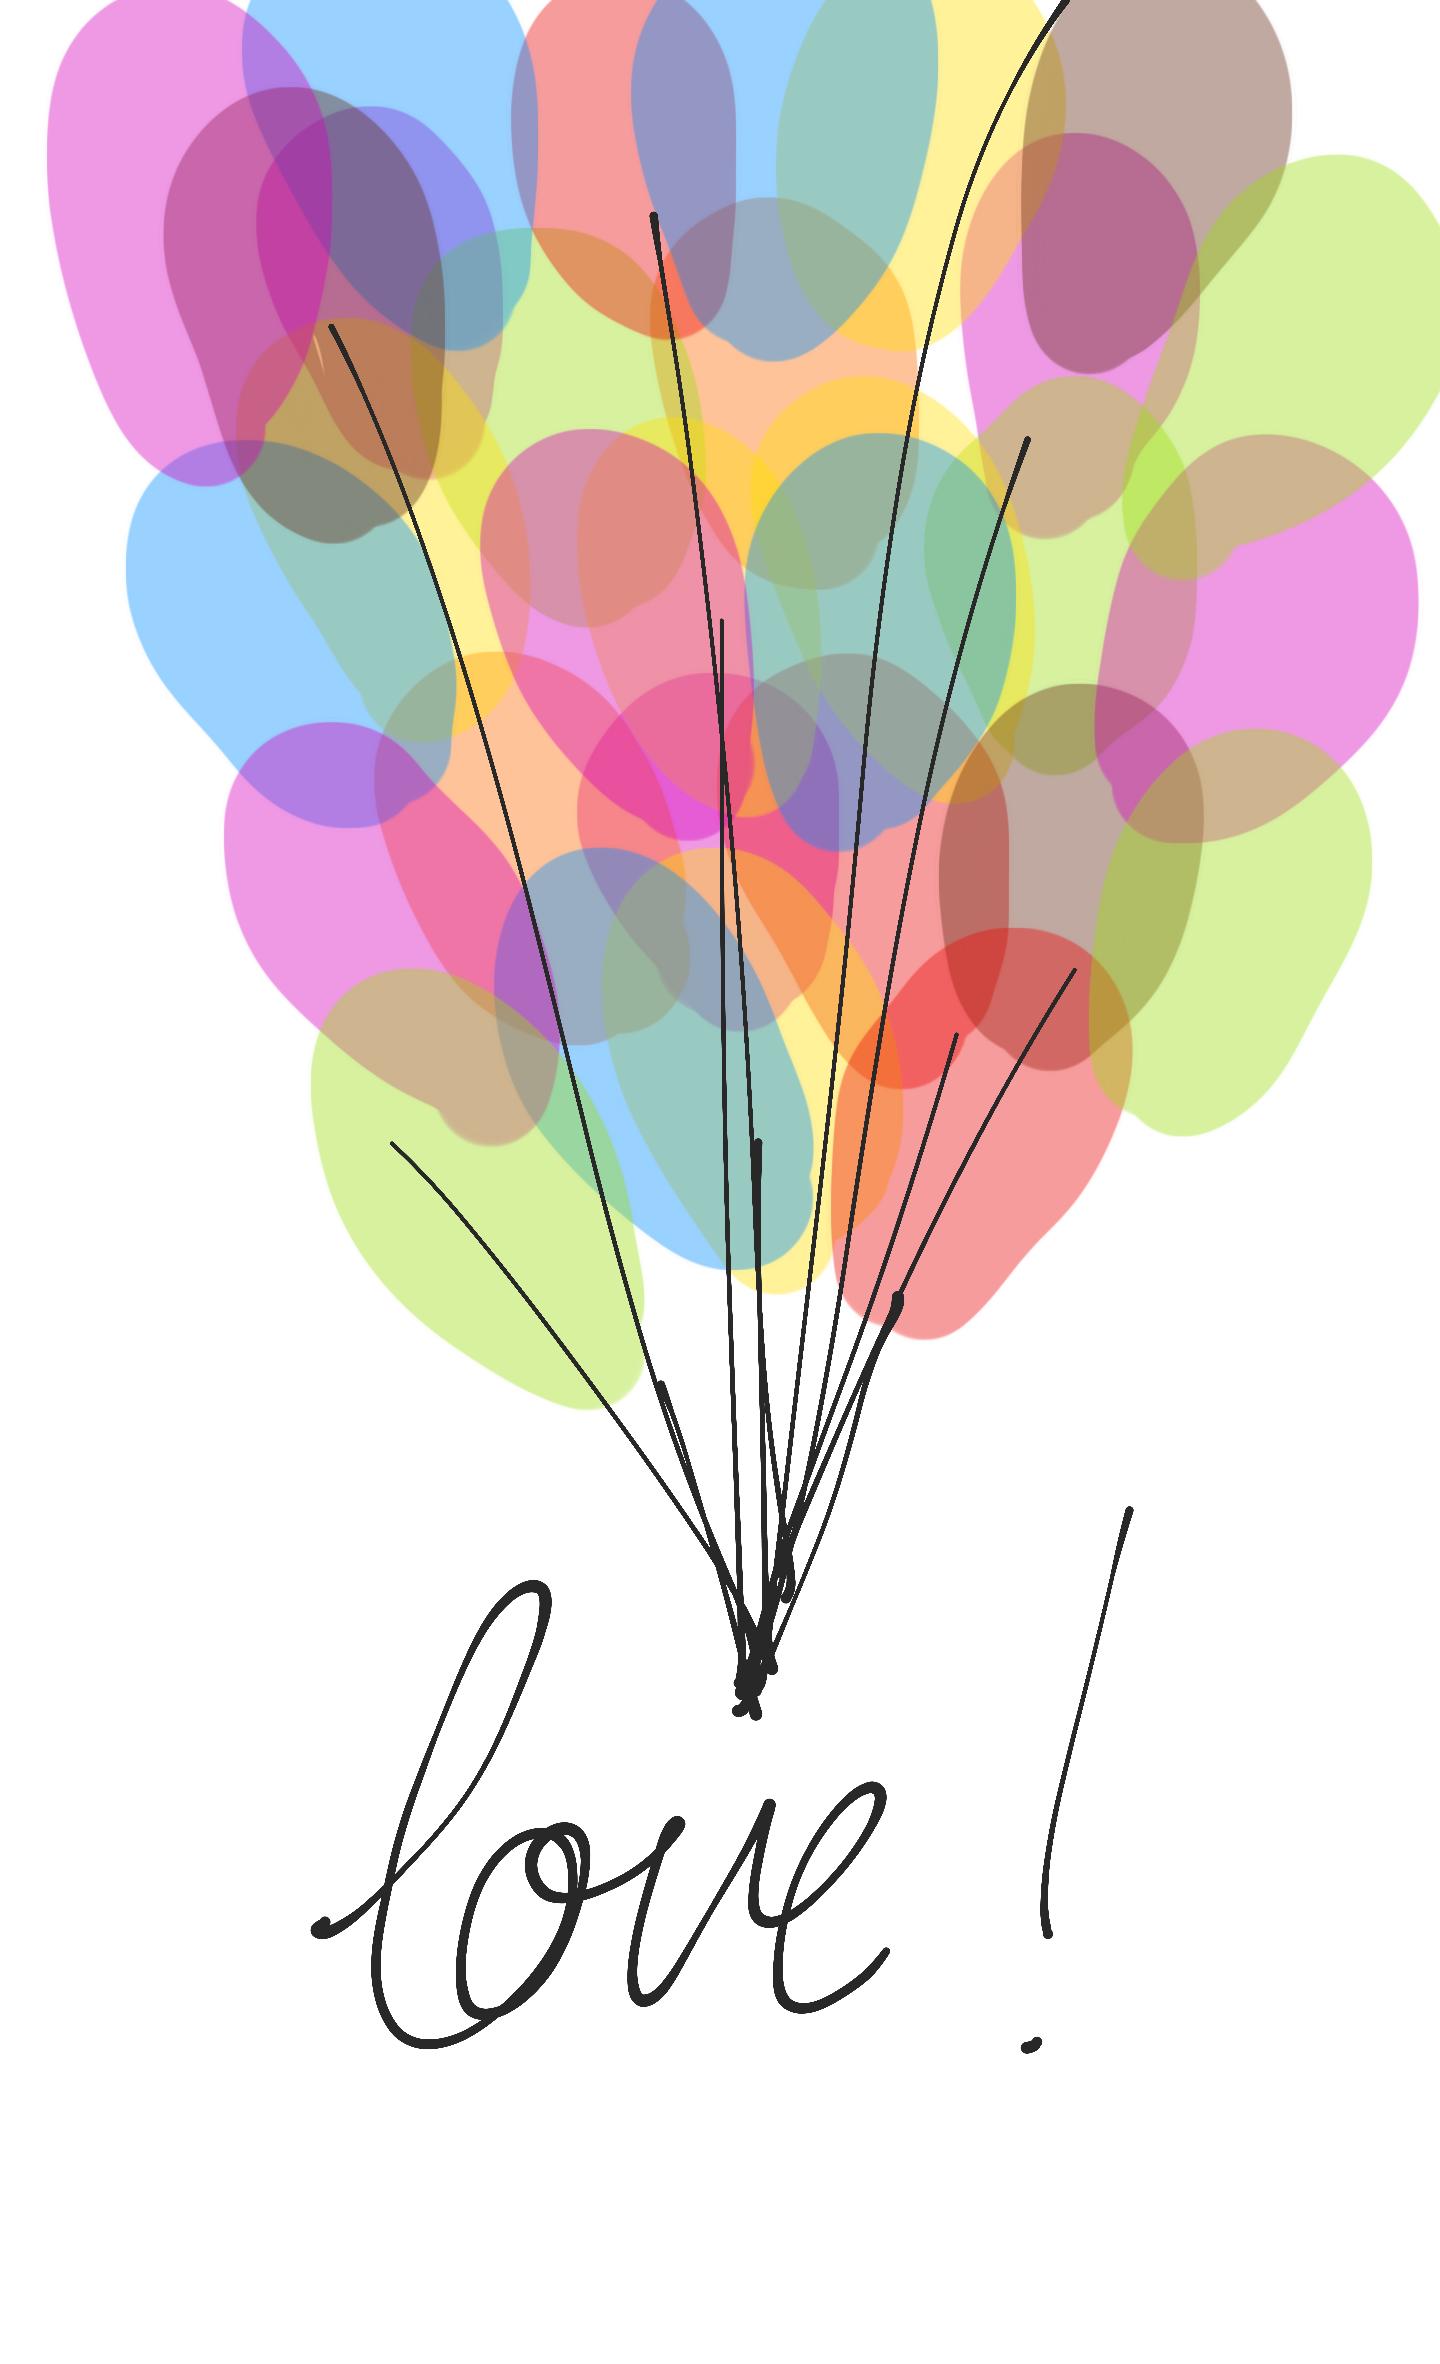 デスクトップ壁紙 お絵かき 図 愛 アートワーク タイポグラフィ